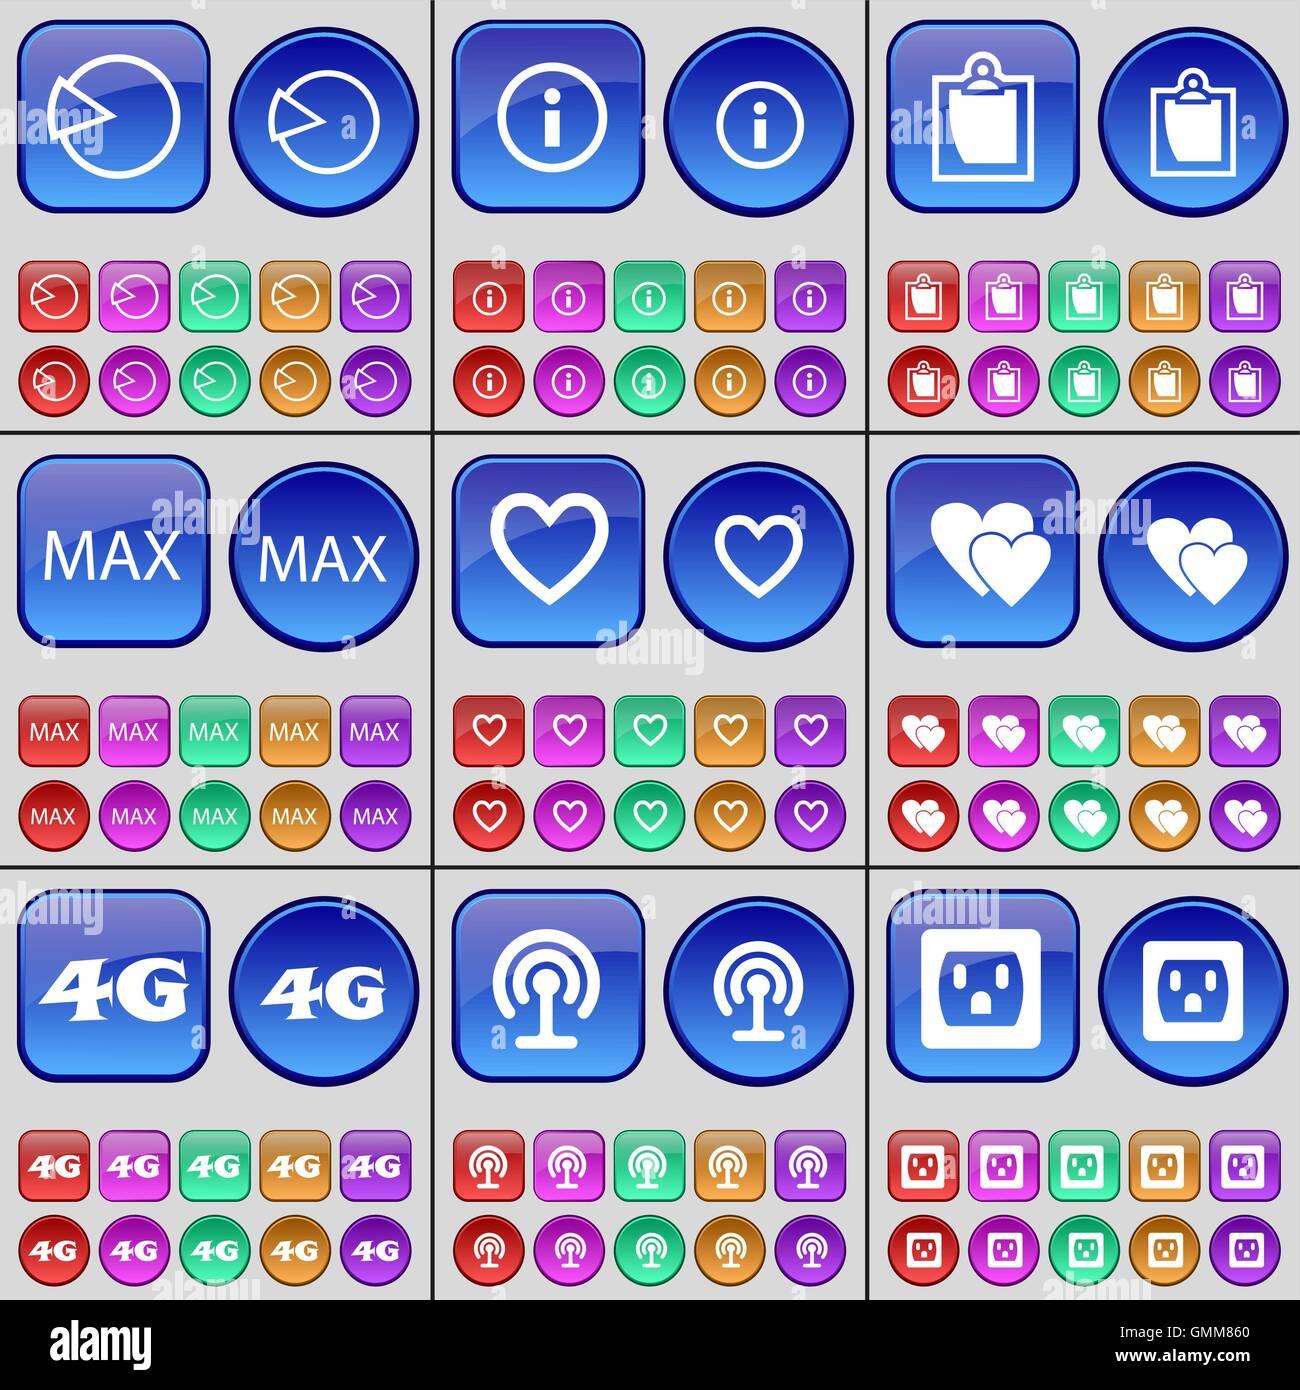 Schema Elettrico Max : Set to max immagini set to max fotos stock alamy